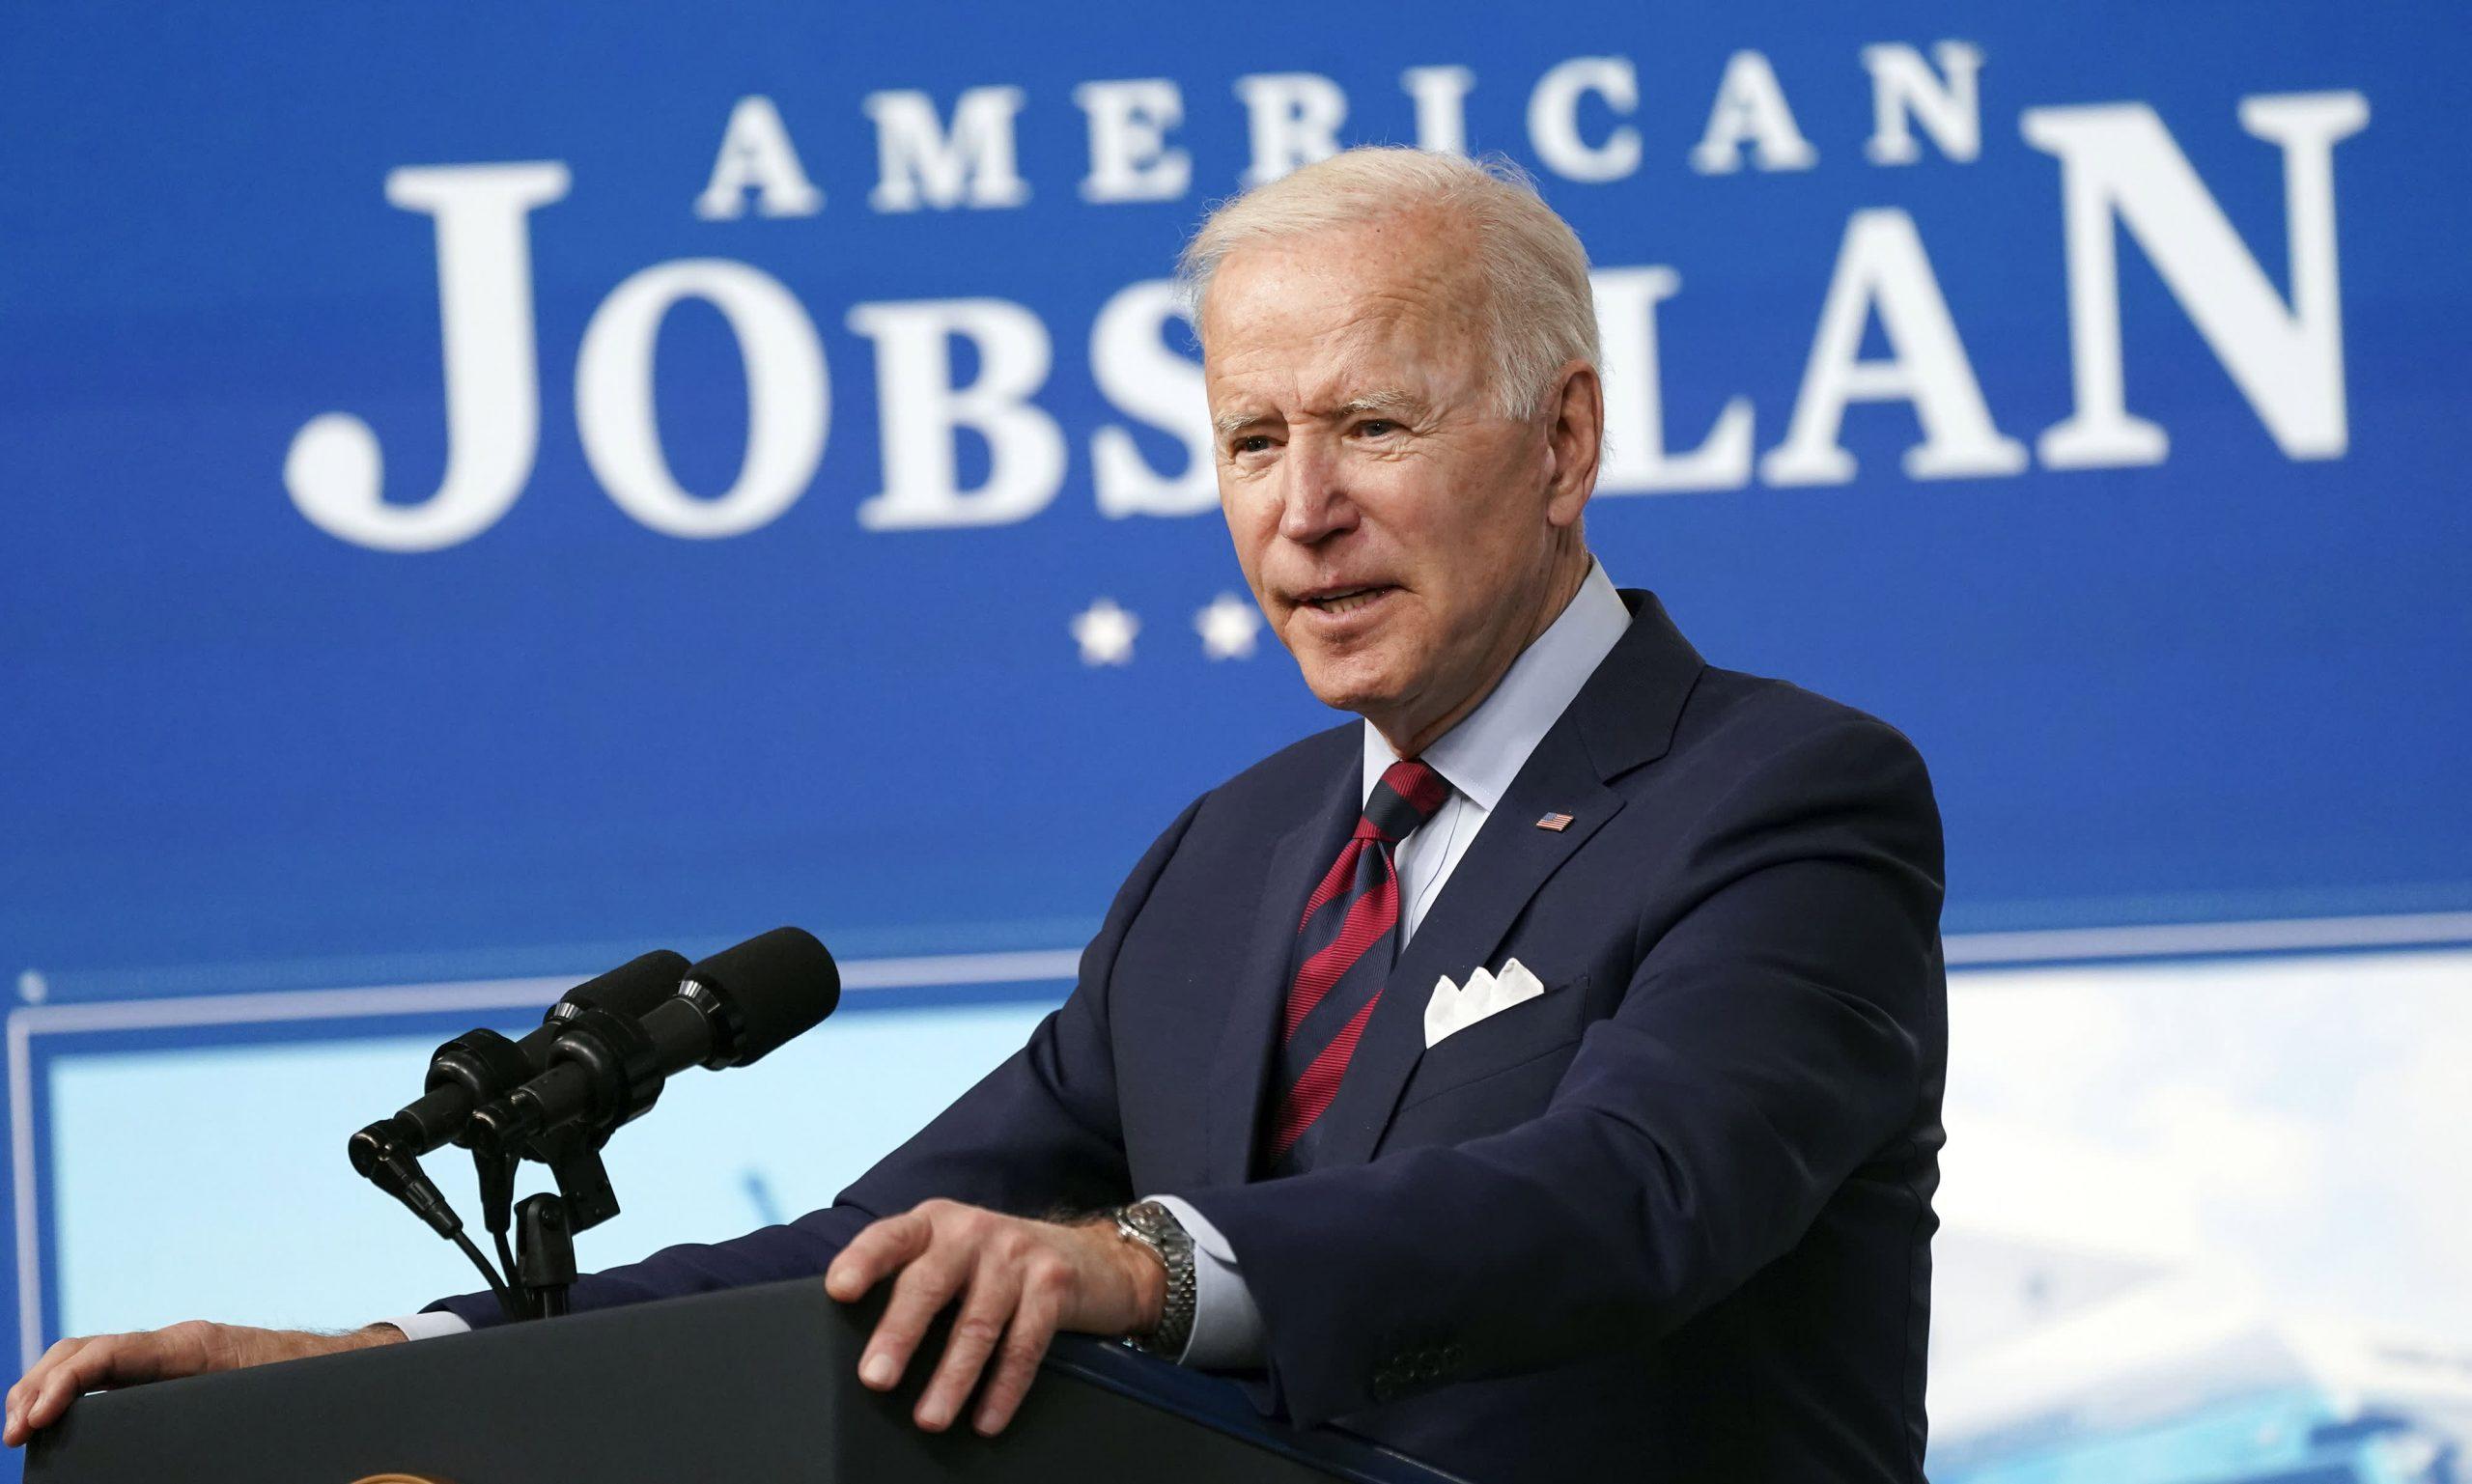 Los planes económicos de Biden ayudarán a EE. UU. A competir con China, dice el exsecretario del Tesoro